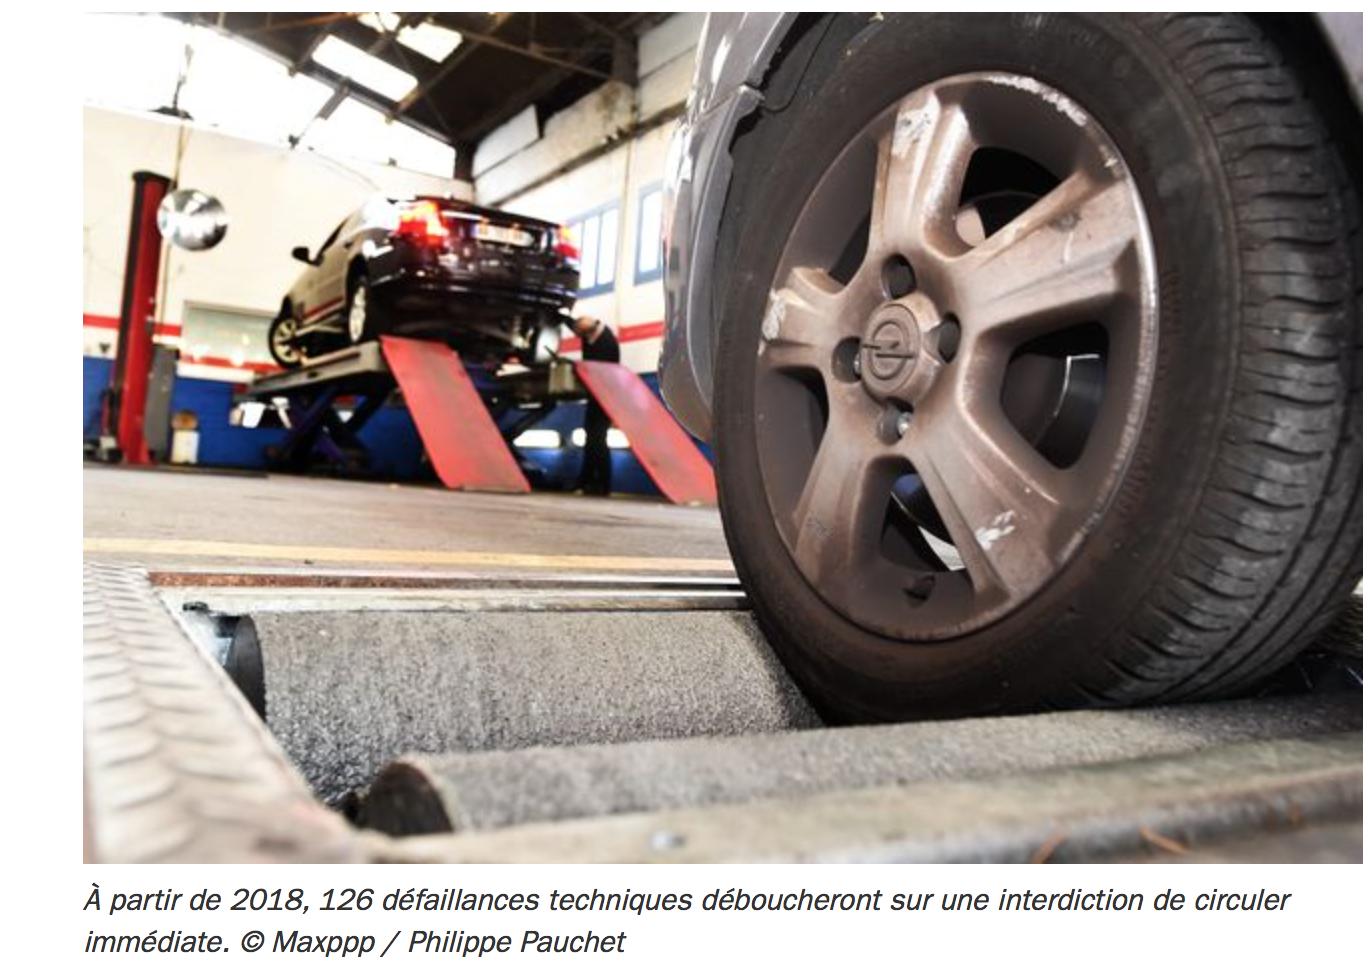 Déclaration de guerre aux pauvres : nouveau contrôle technique, 126 raisons d'interdire votre vieille voiture